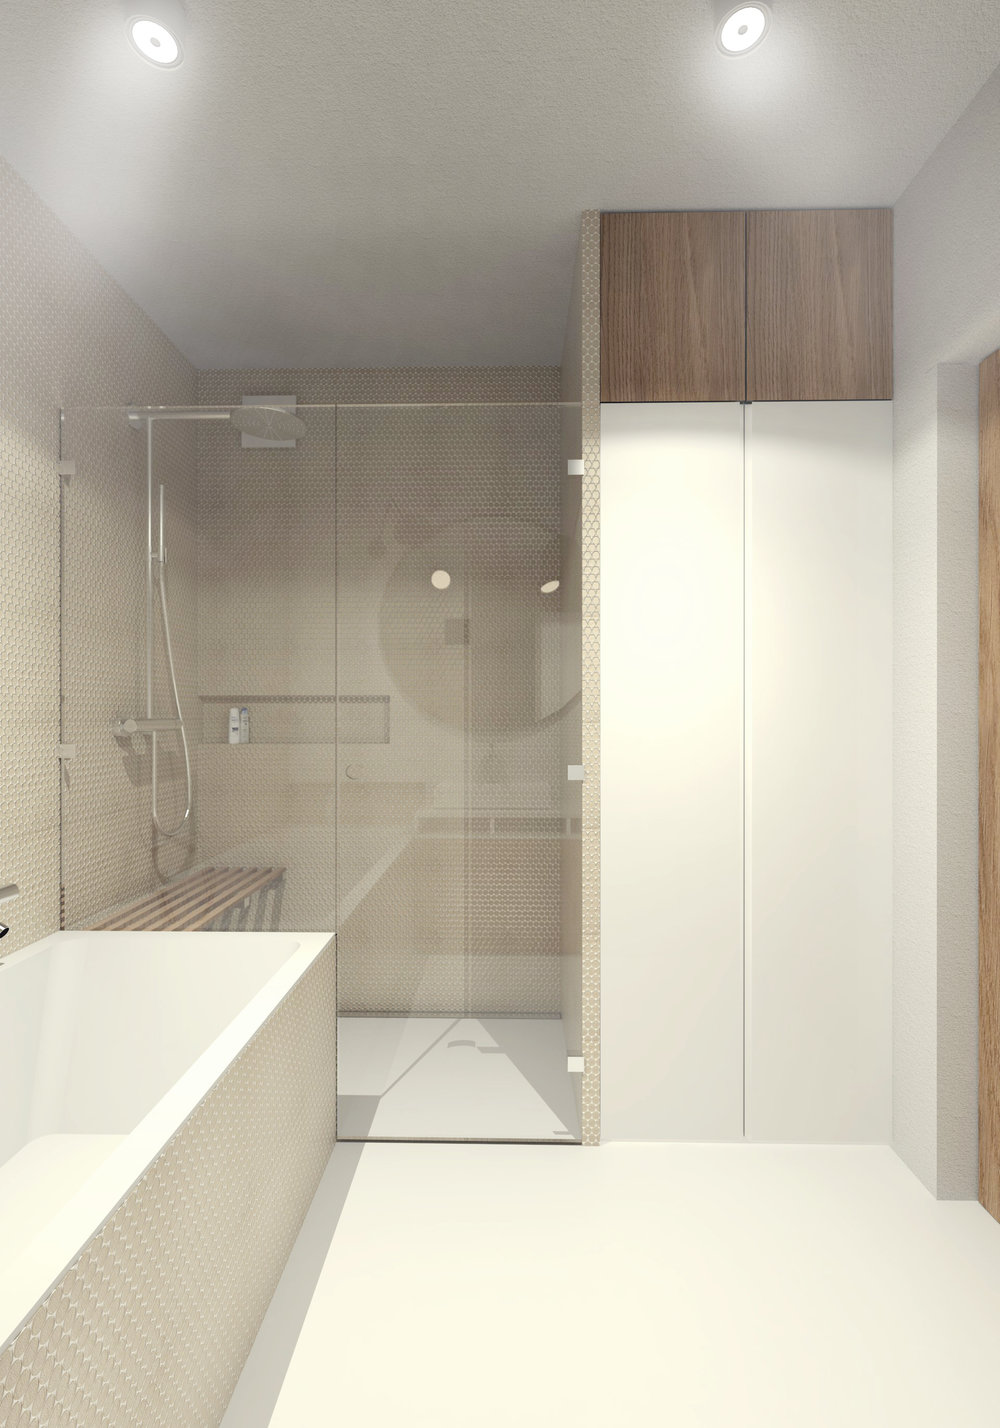 2-izbový byt_kúpelňa2.jpg